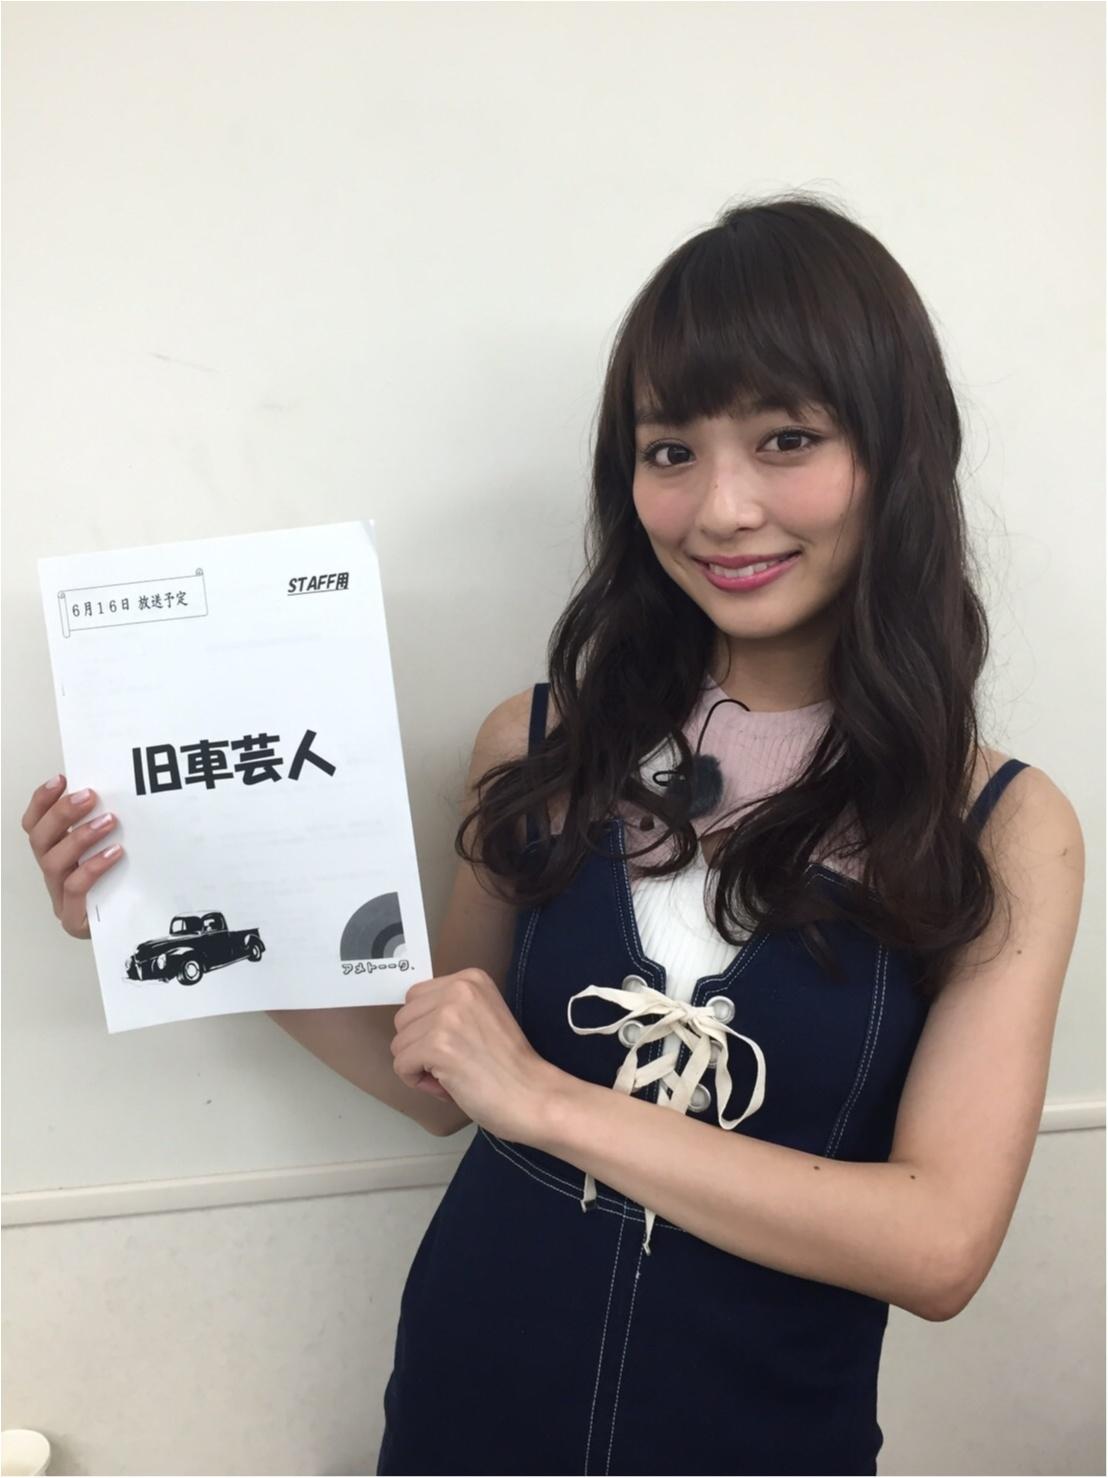 内田理央、憧れの番組で「旧車芸人」といざ対面!!!_1